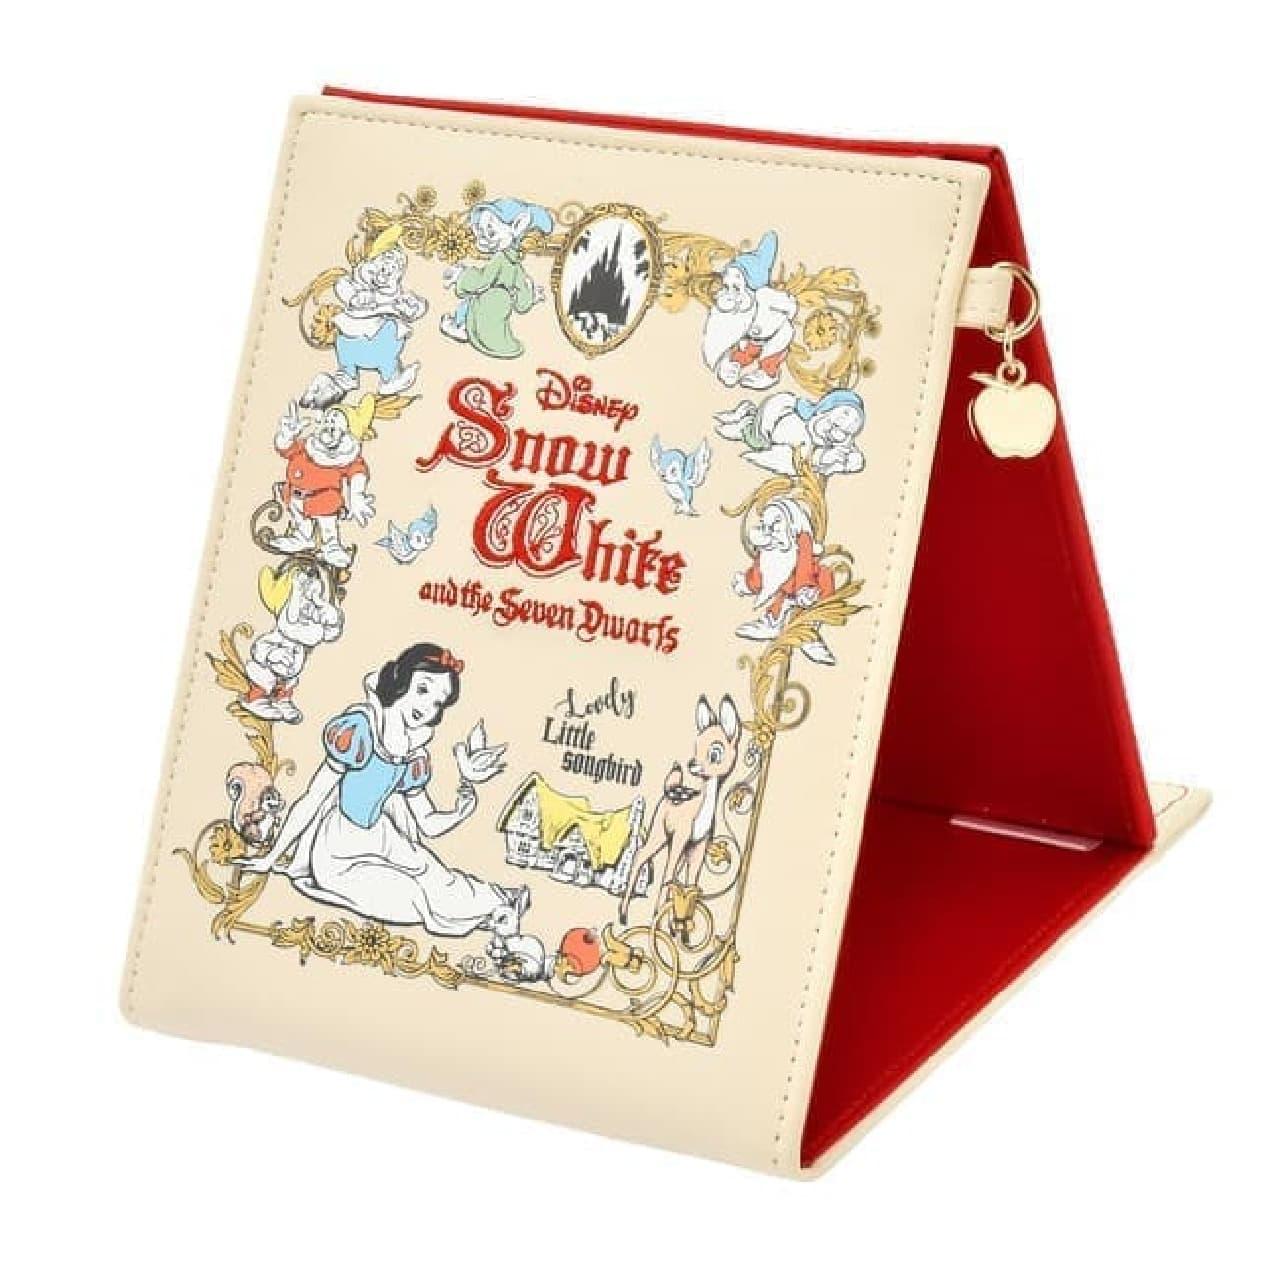 アンティーク風♪ ディズニーストア「白雪姫」シリーズ -- インテリア雑貨・アクセサリーなど